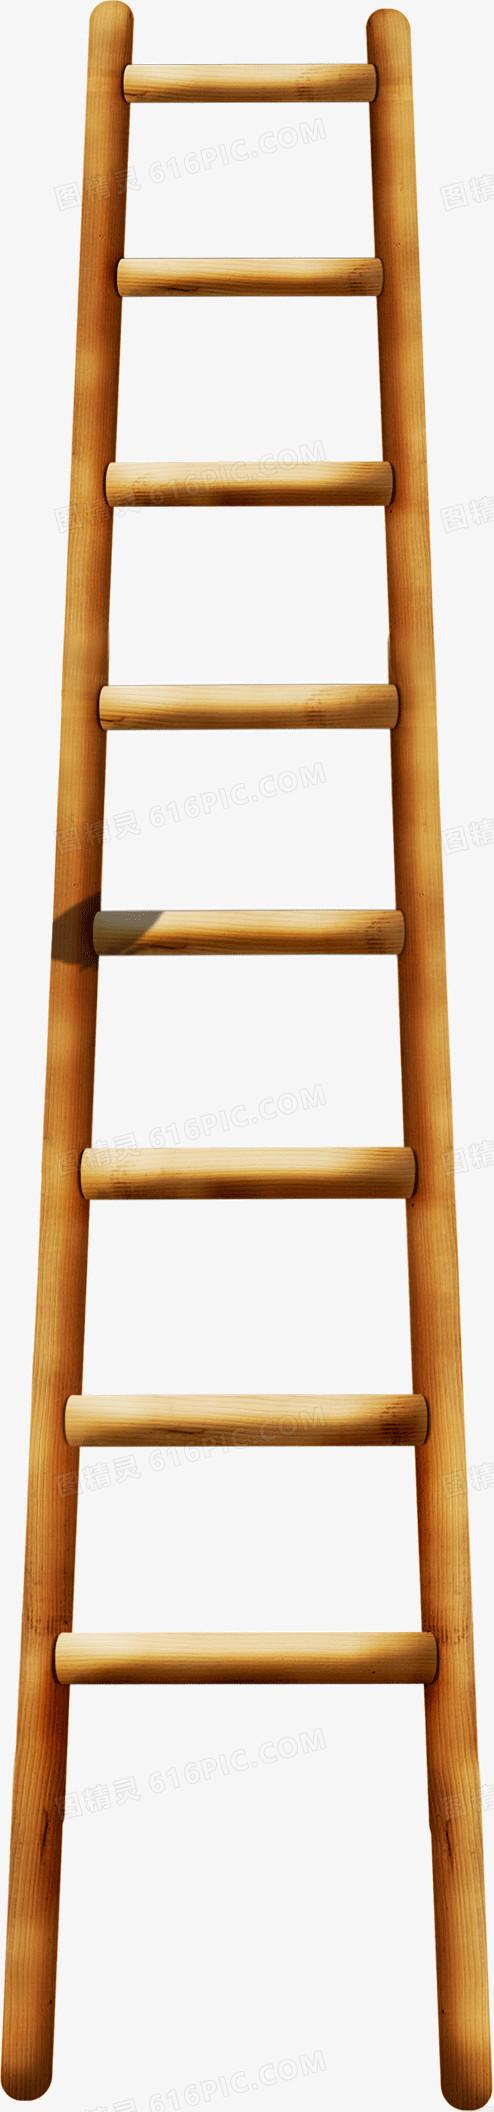 木质梯子图片免费下载_高清png素材_图精灵